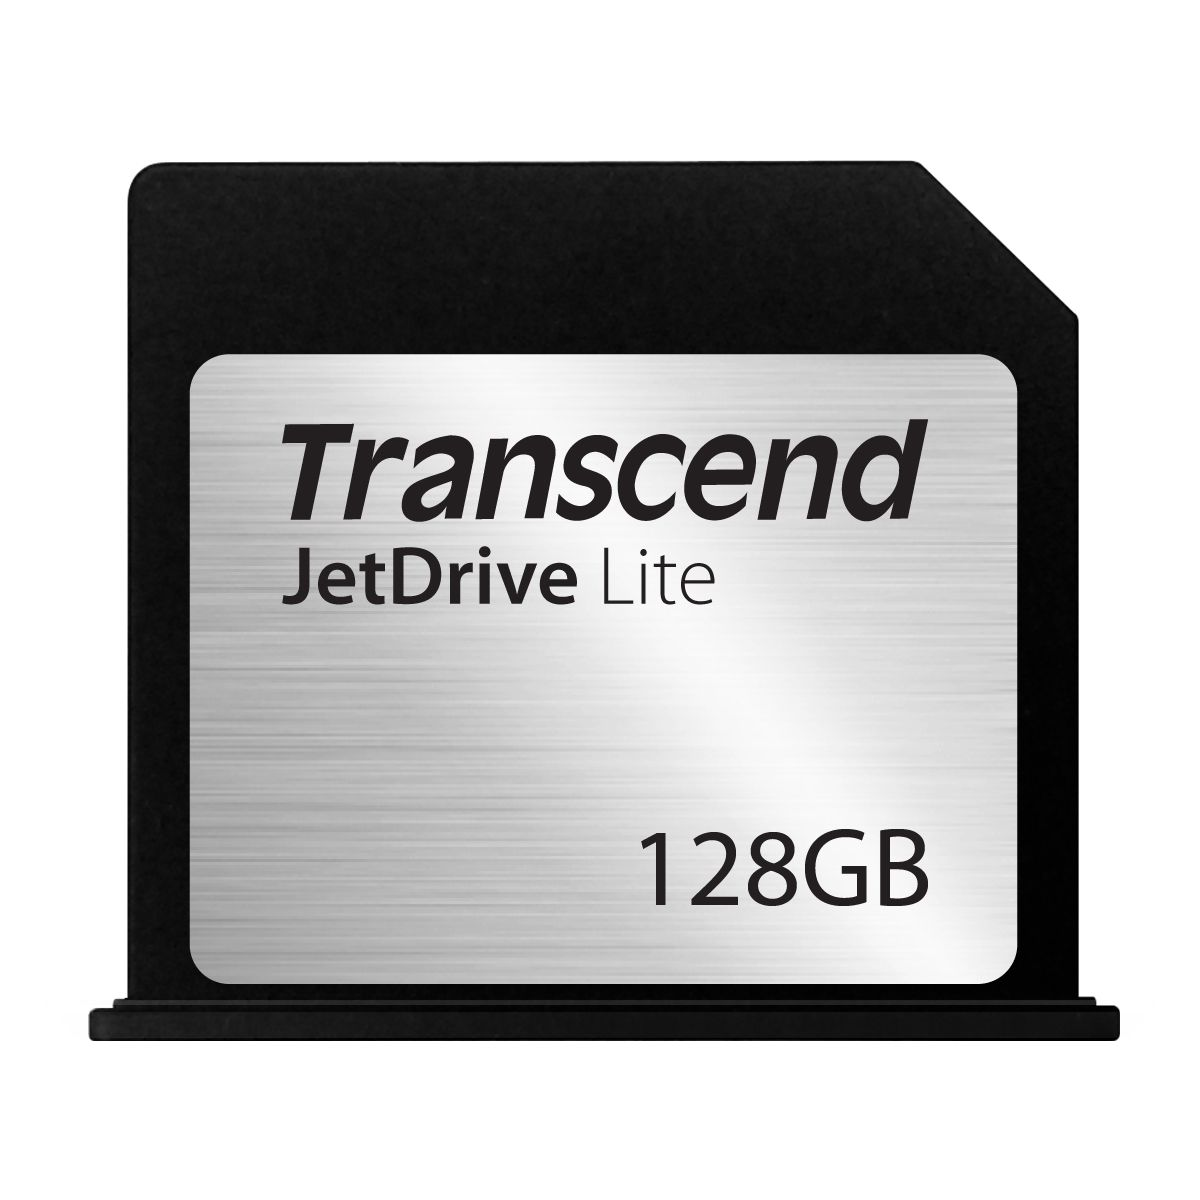 Mémoire transcend carte 128go jetdrive lite 130 pour macbook - 3% de remise immédiate avec le code : multi3